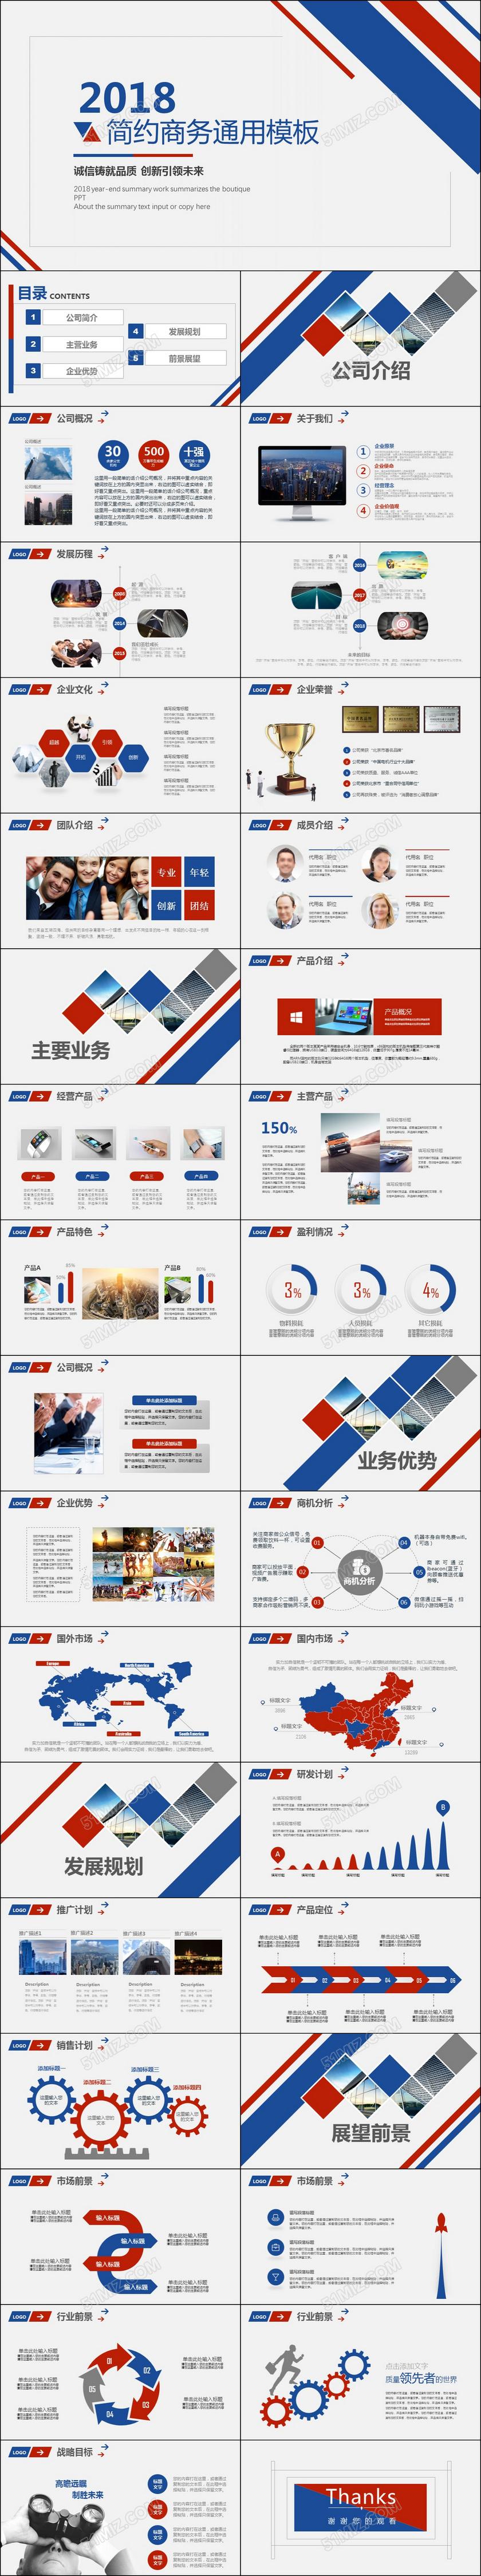 蓝红企业宣传产品介绍公司简介新产品发布ppt模板